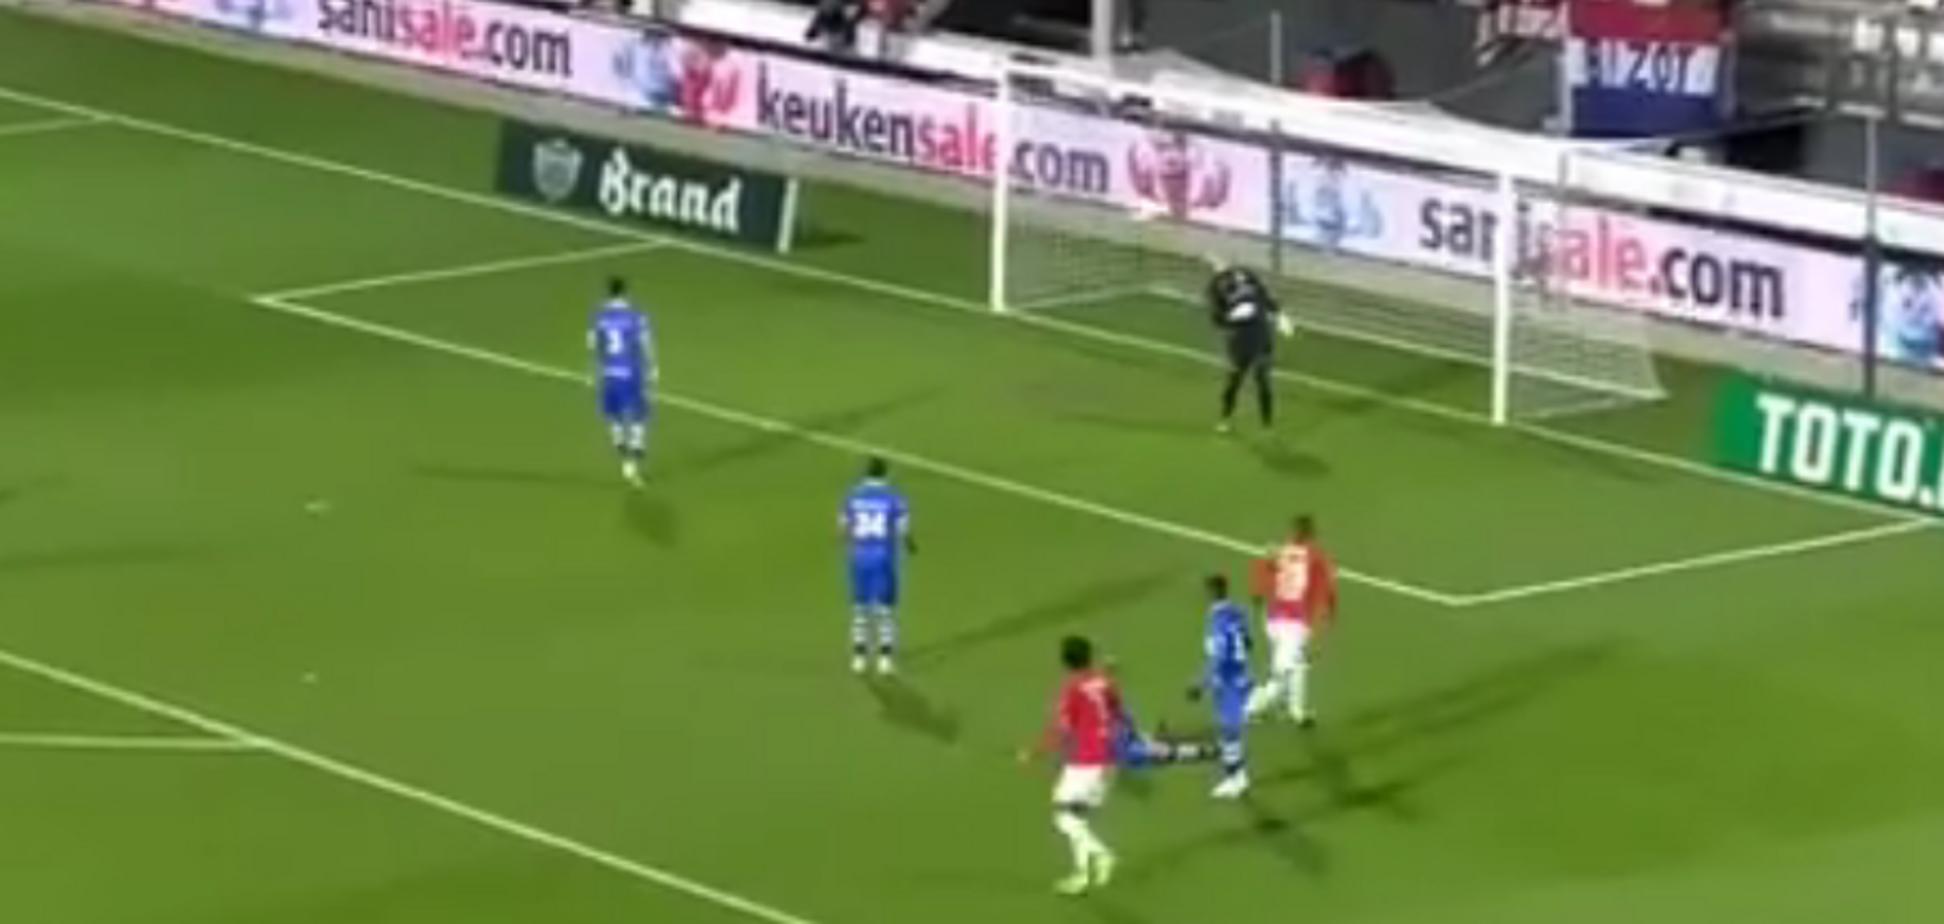 Магія! На футболі в Голландії трапився унікальний епізод